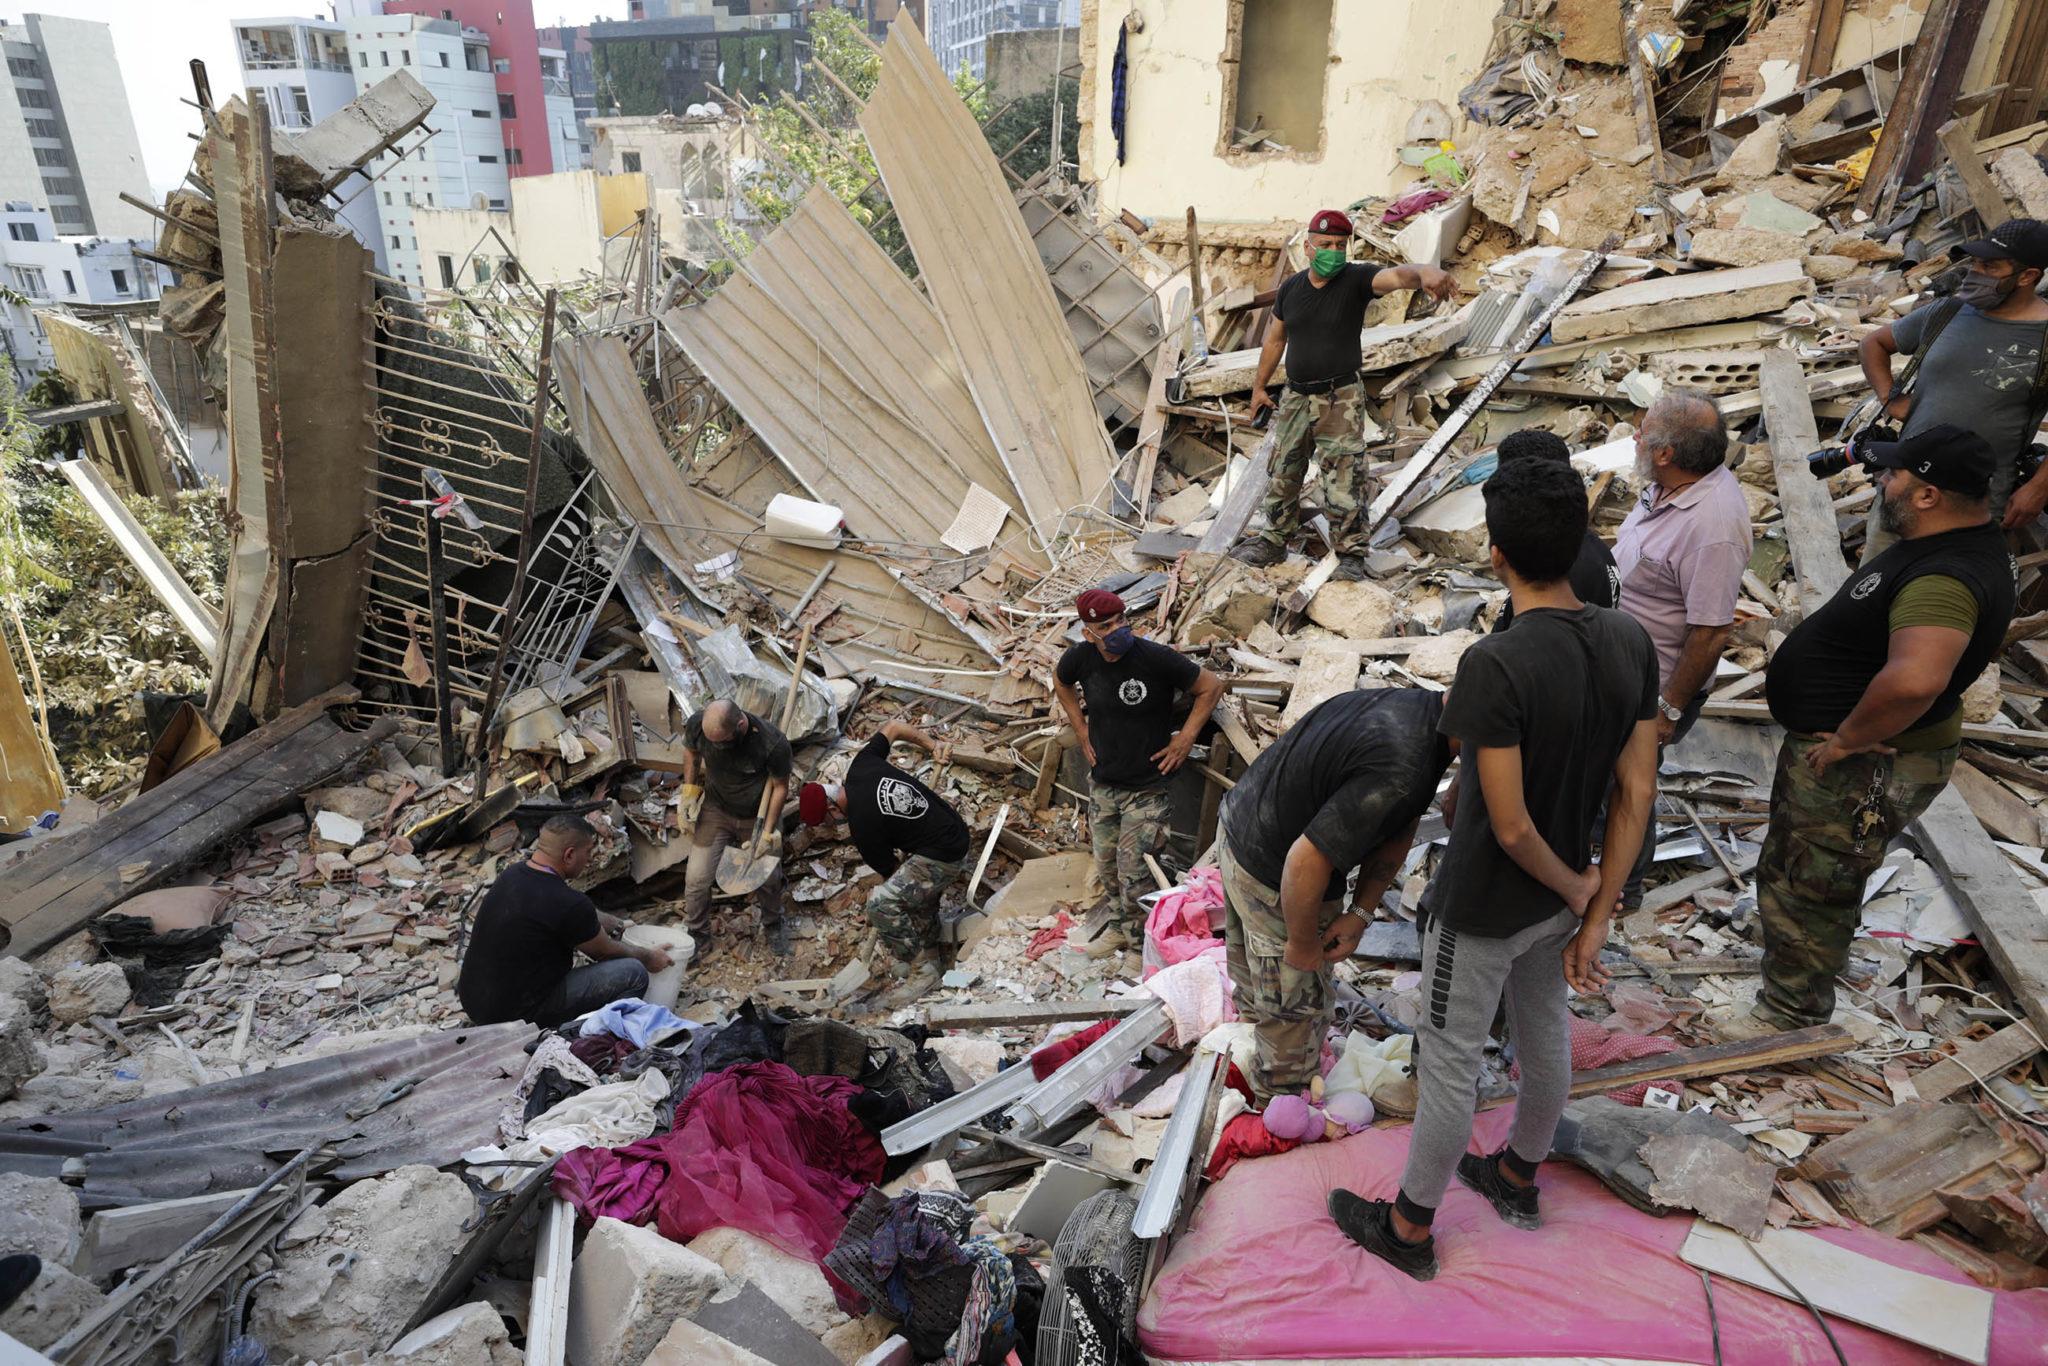 Будто кадры из фильма про Армагеддон: как выглядит Бейрут после взрывов (ФОТО, ВИДЕО) - фото 14